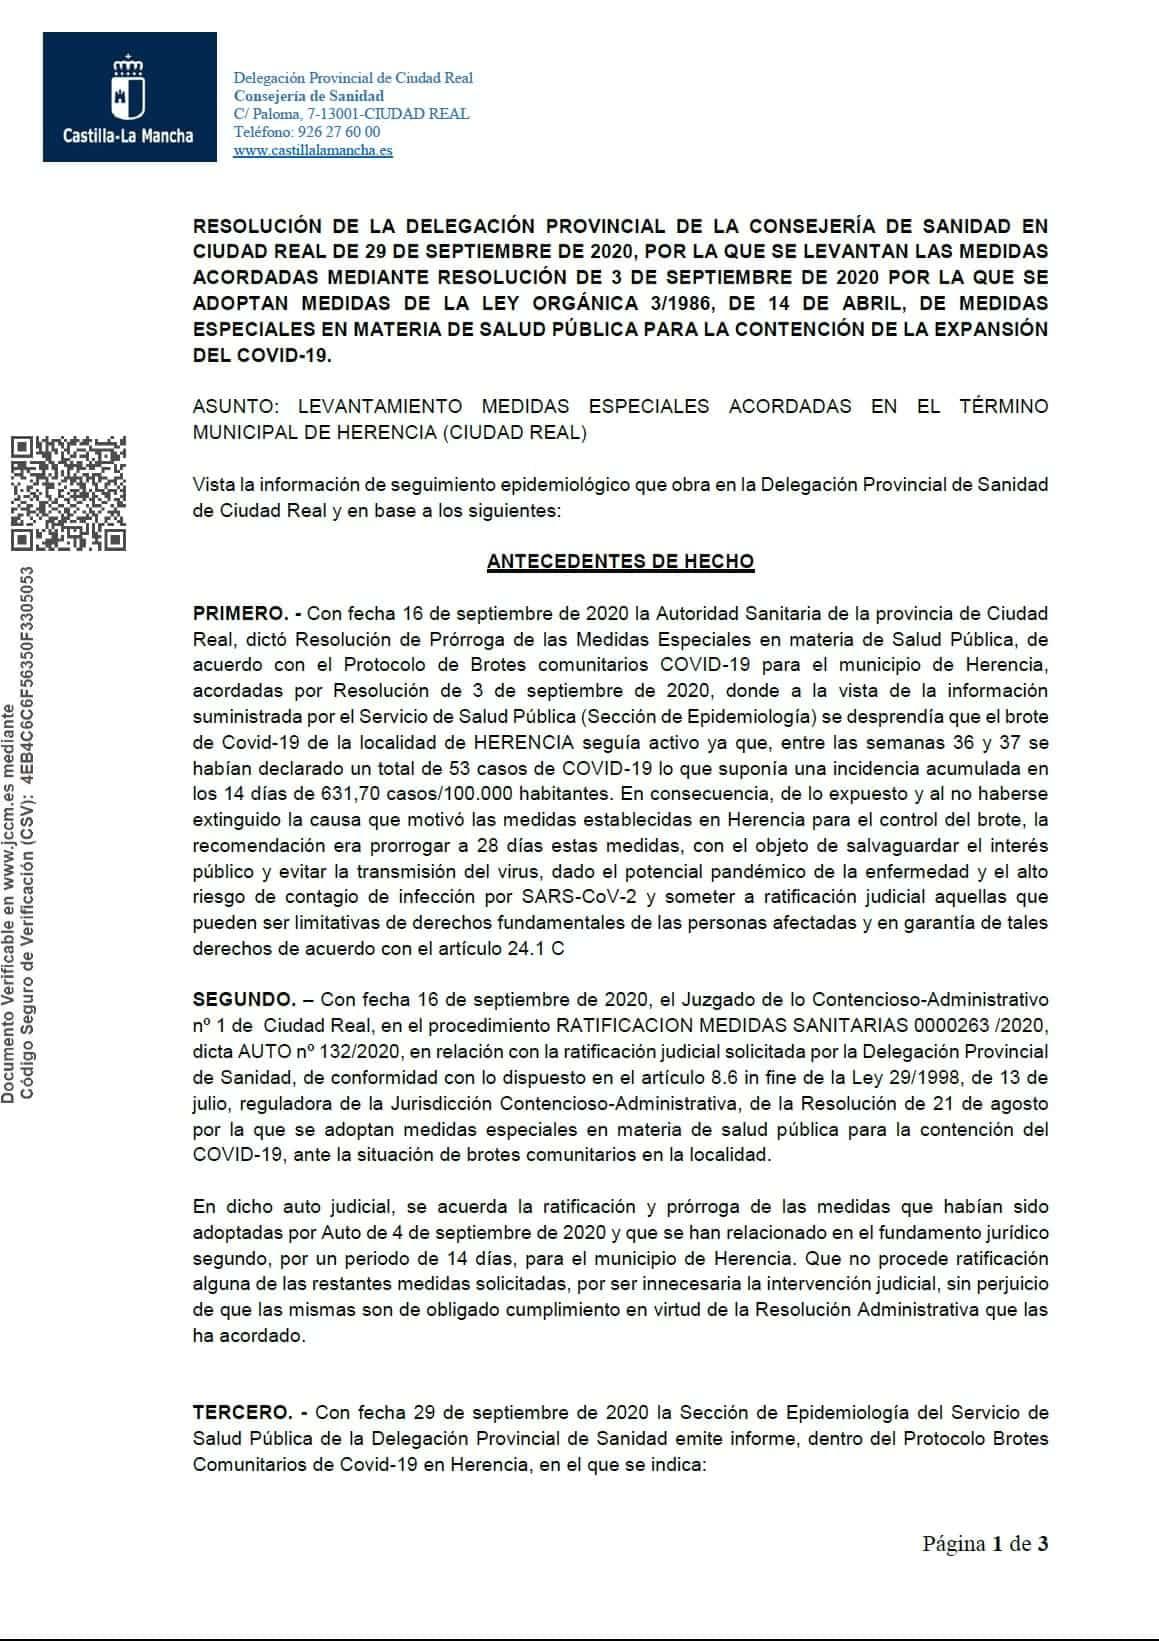 Sanidad levanta la medidas especiales a Herencia desde el 30 de septiembre 7